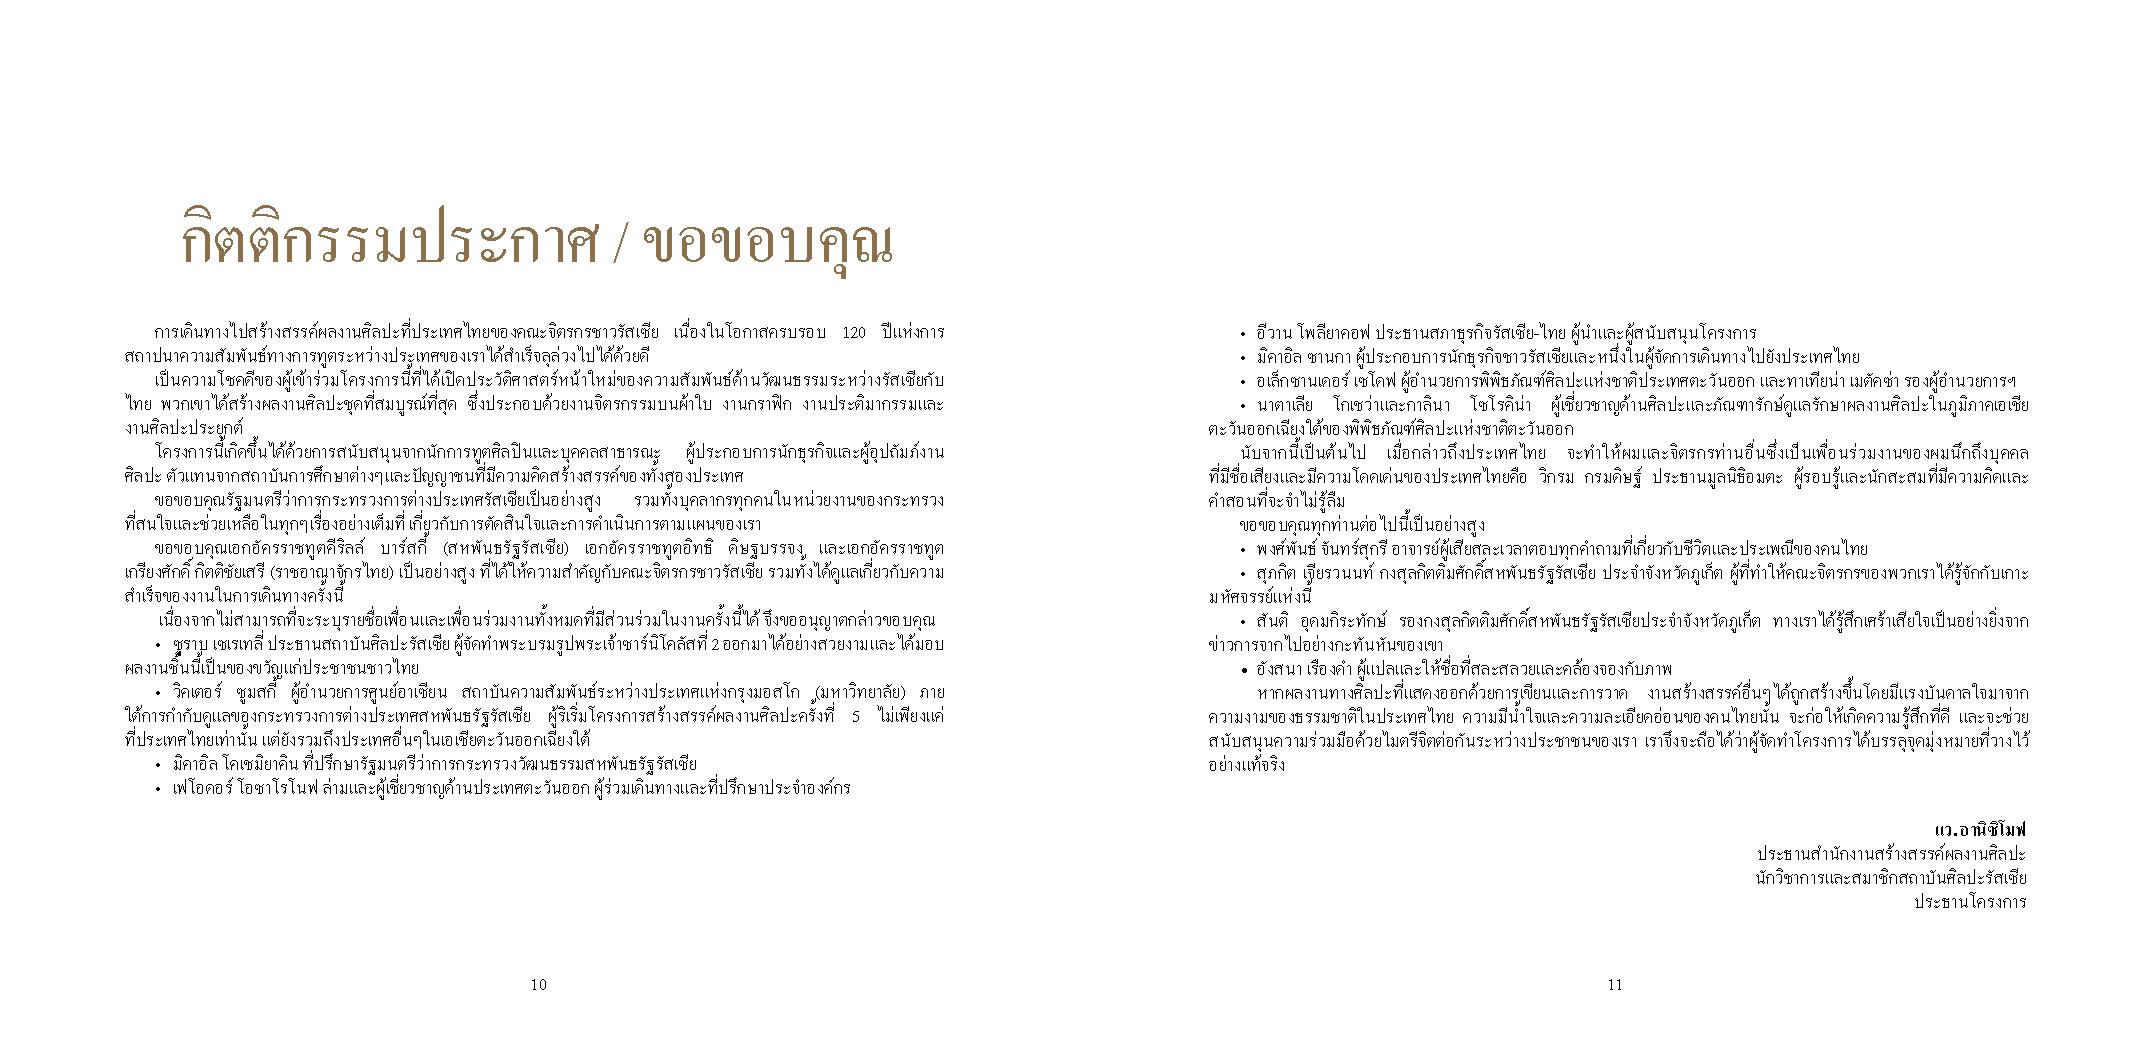 thai_6